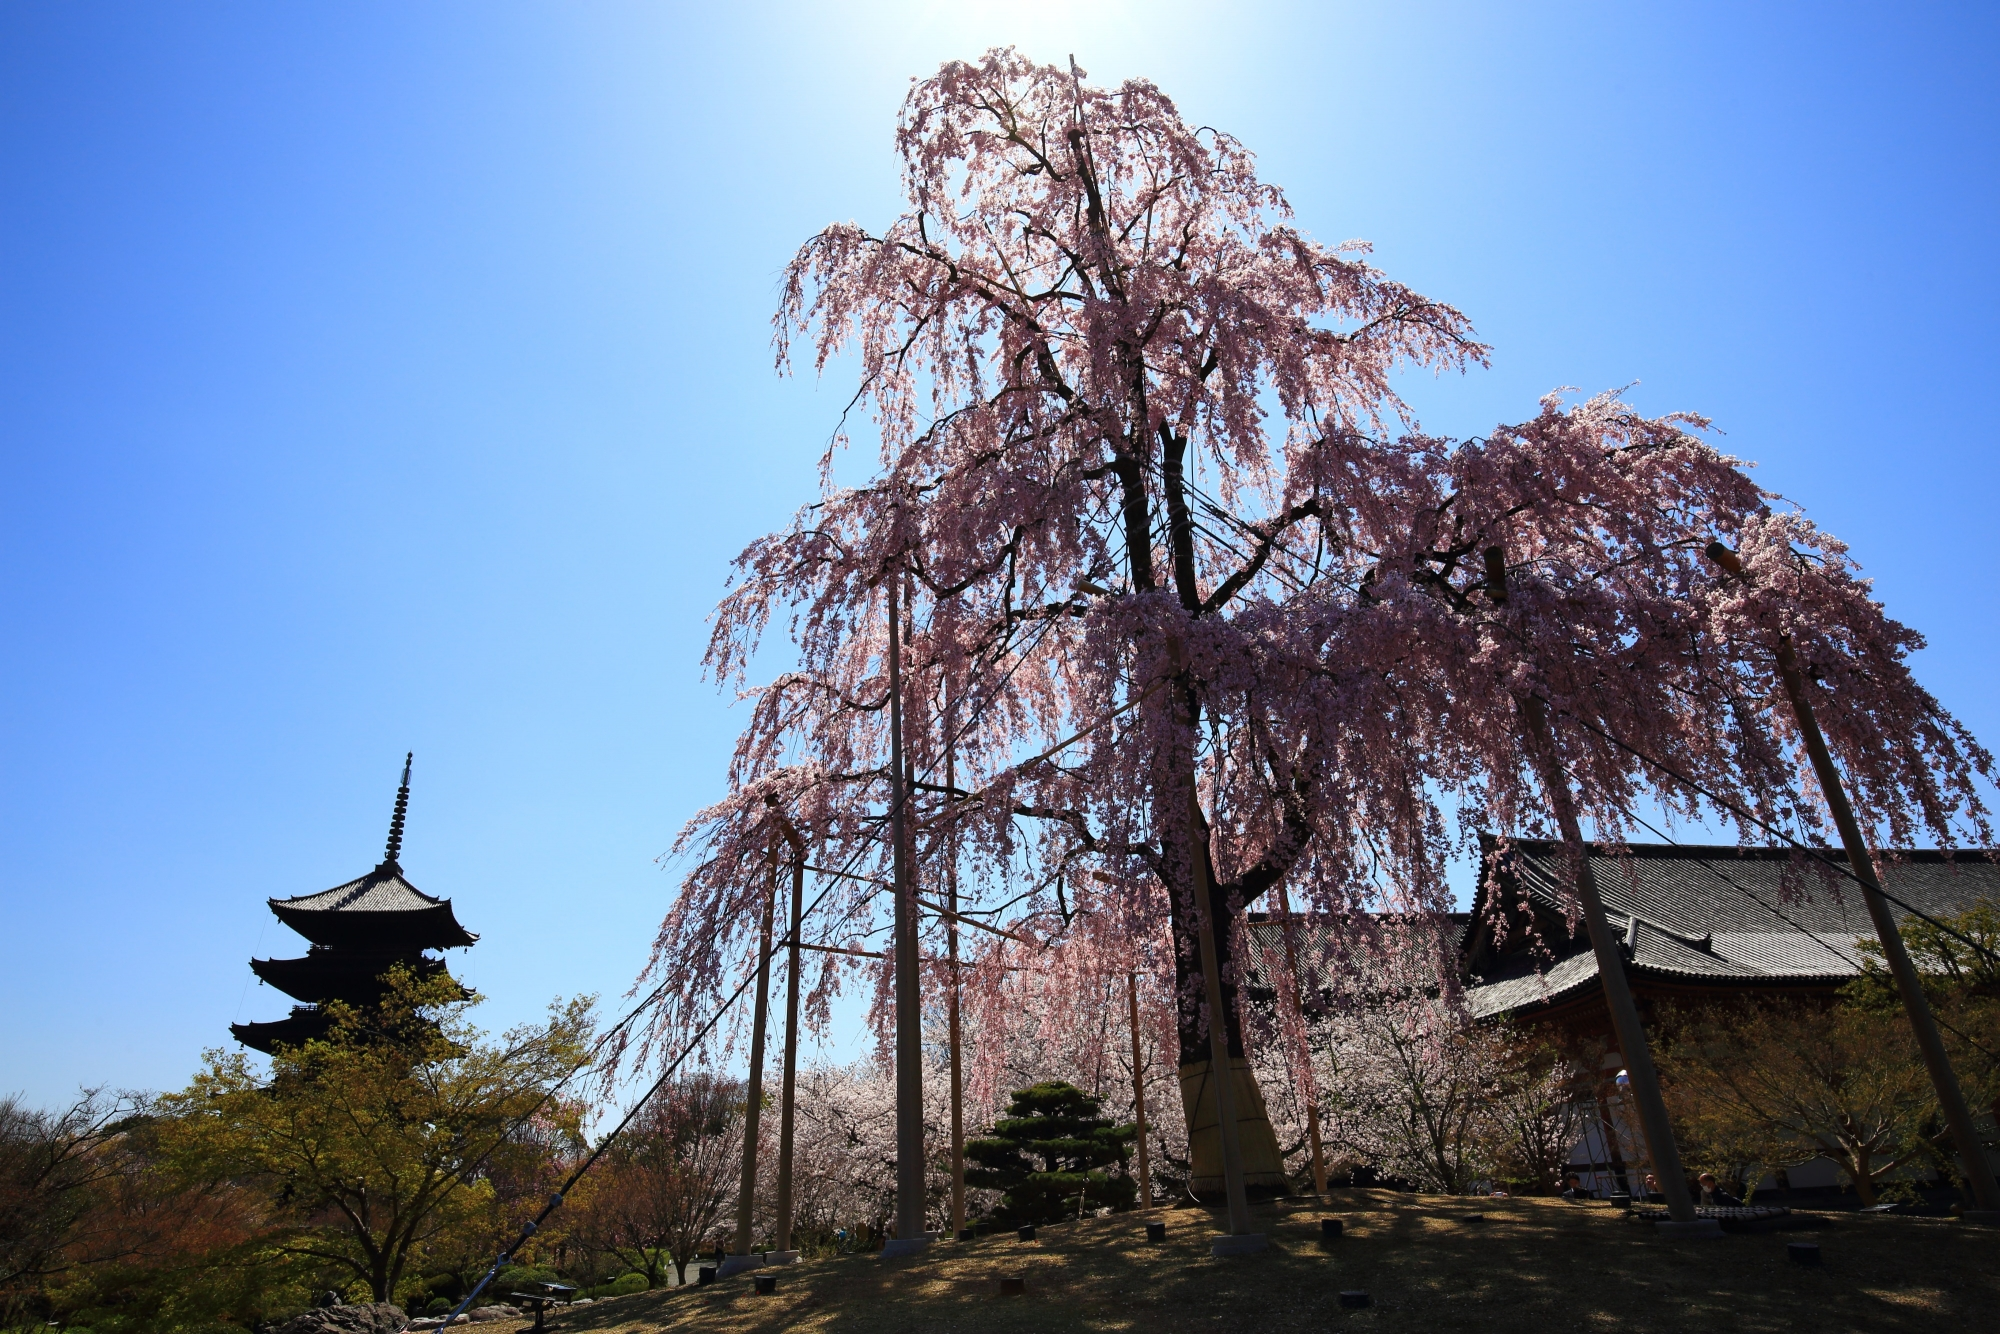 太陽を背景にした五重塔と不二桜のシルエット